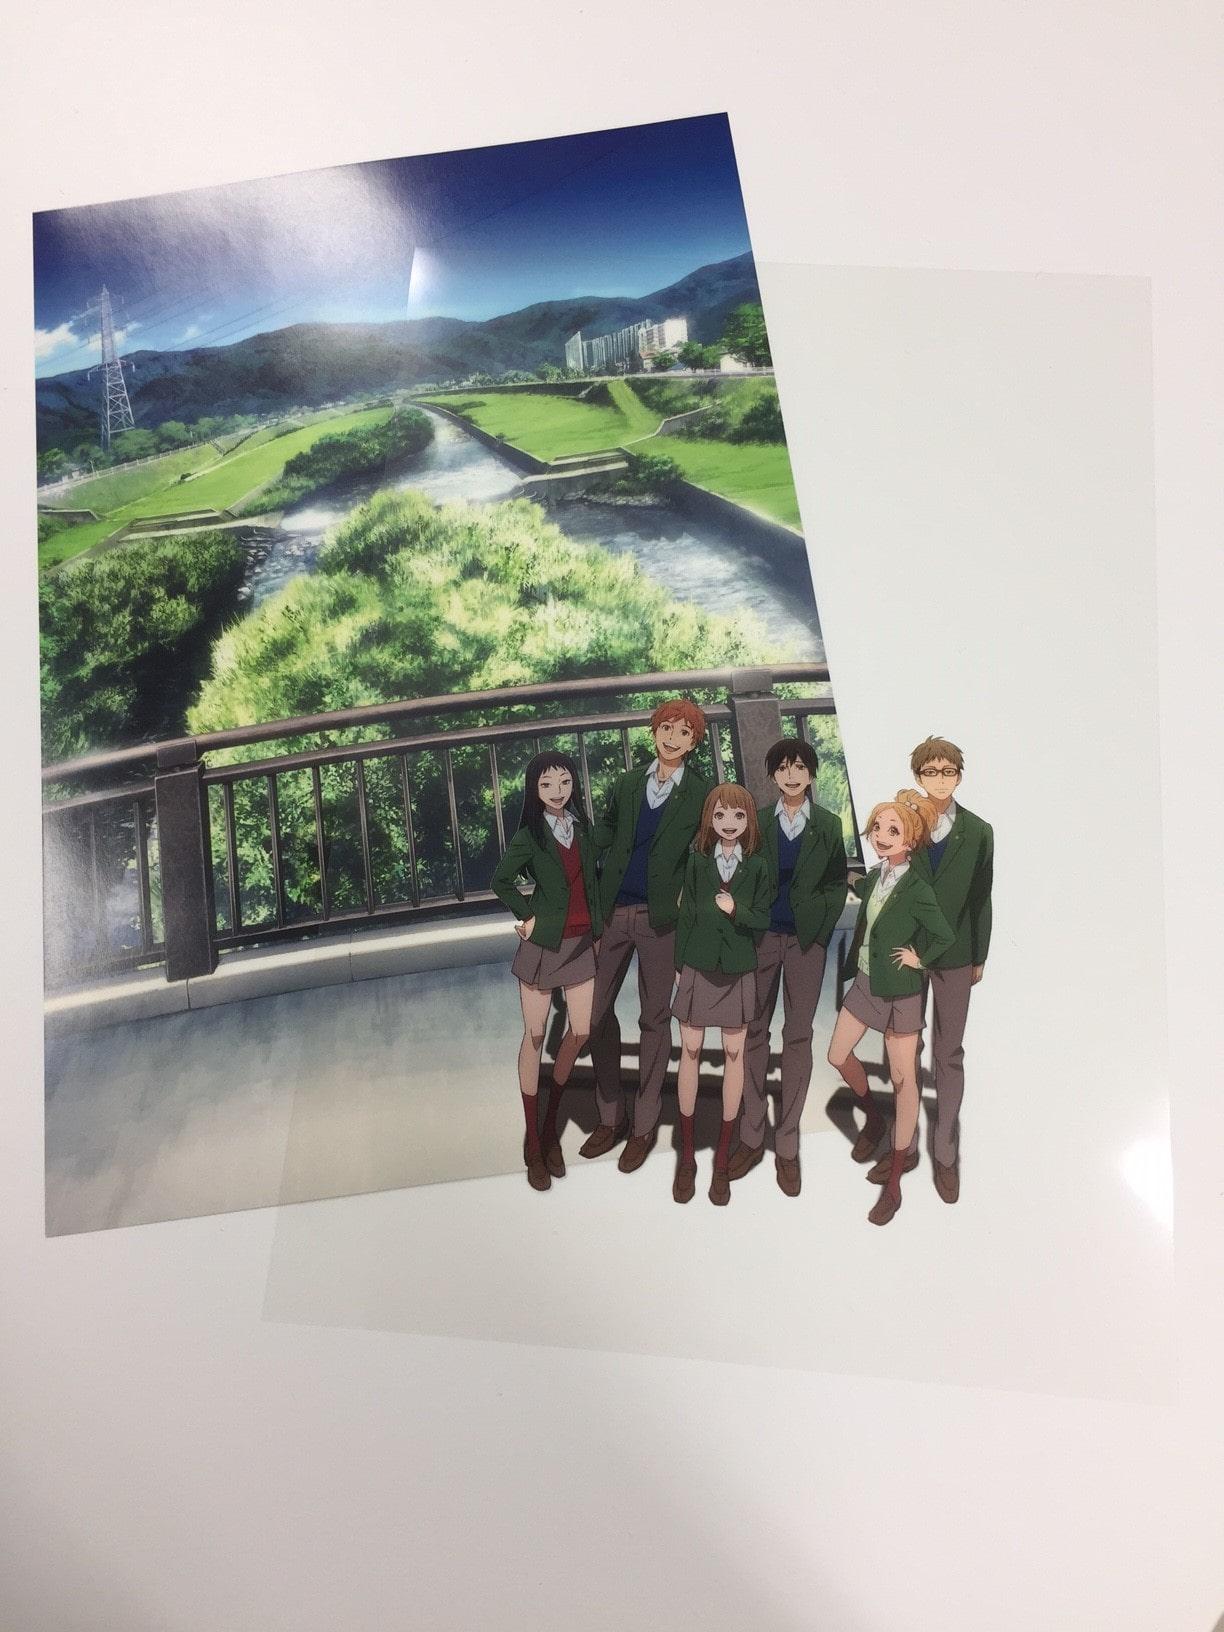 TVアニメ「orange」Vol.4 Blu-ray 初回生産限定版